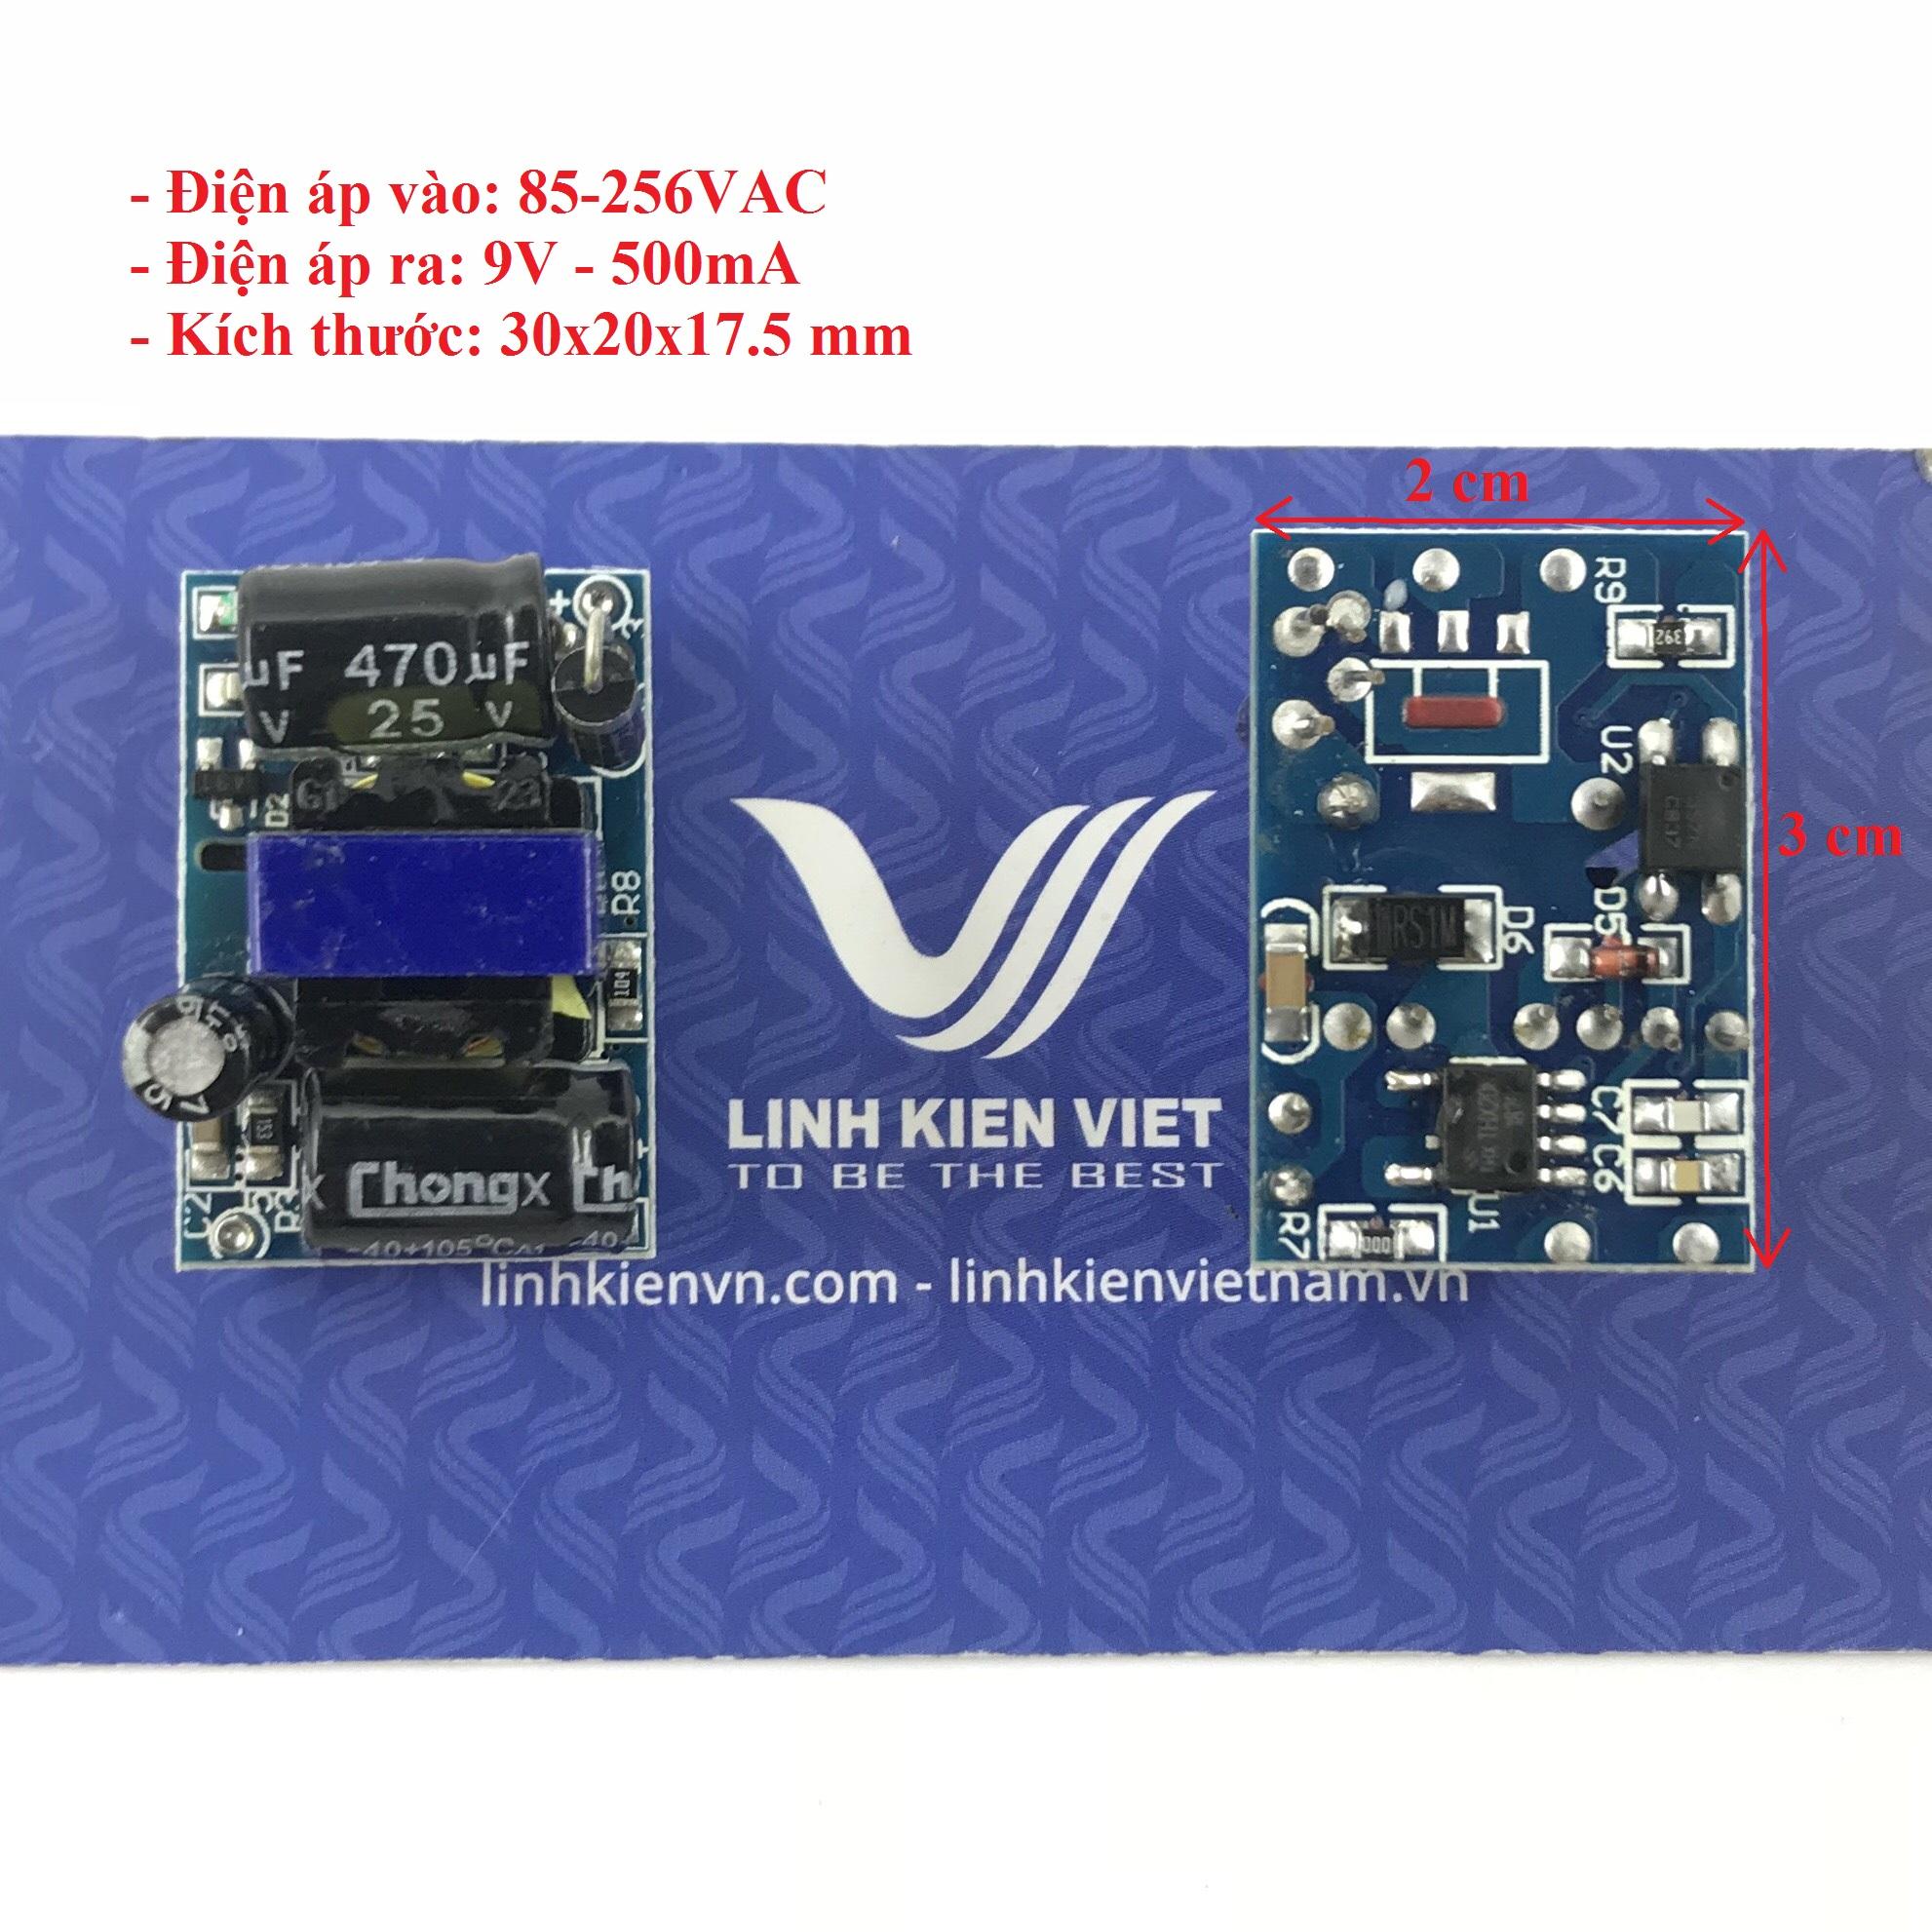 Nguồn adapter không vỏ AC-DC Mini 9V 500mA 30x20x17.5mm - J5H9